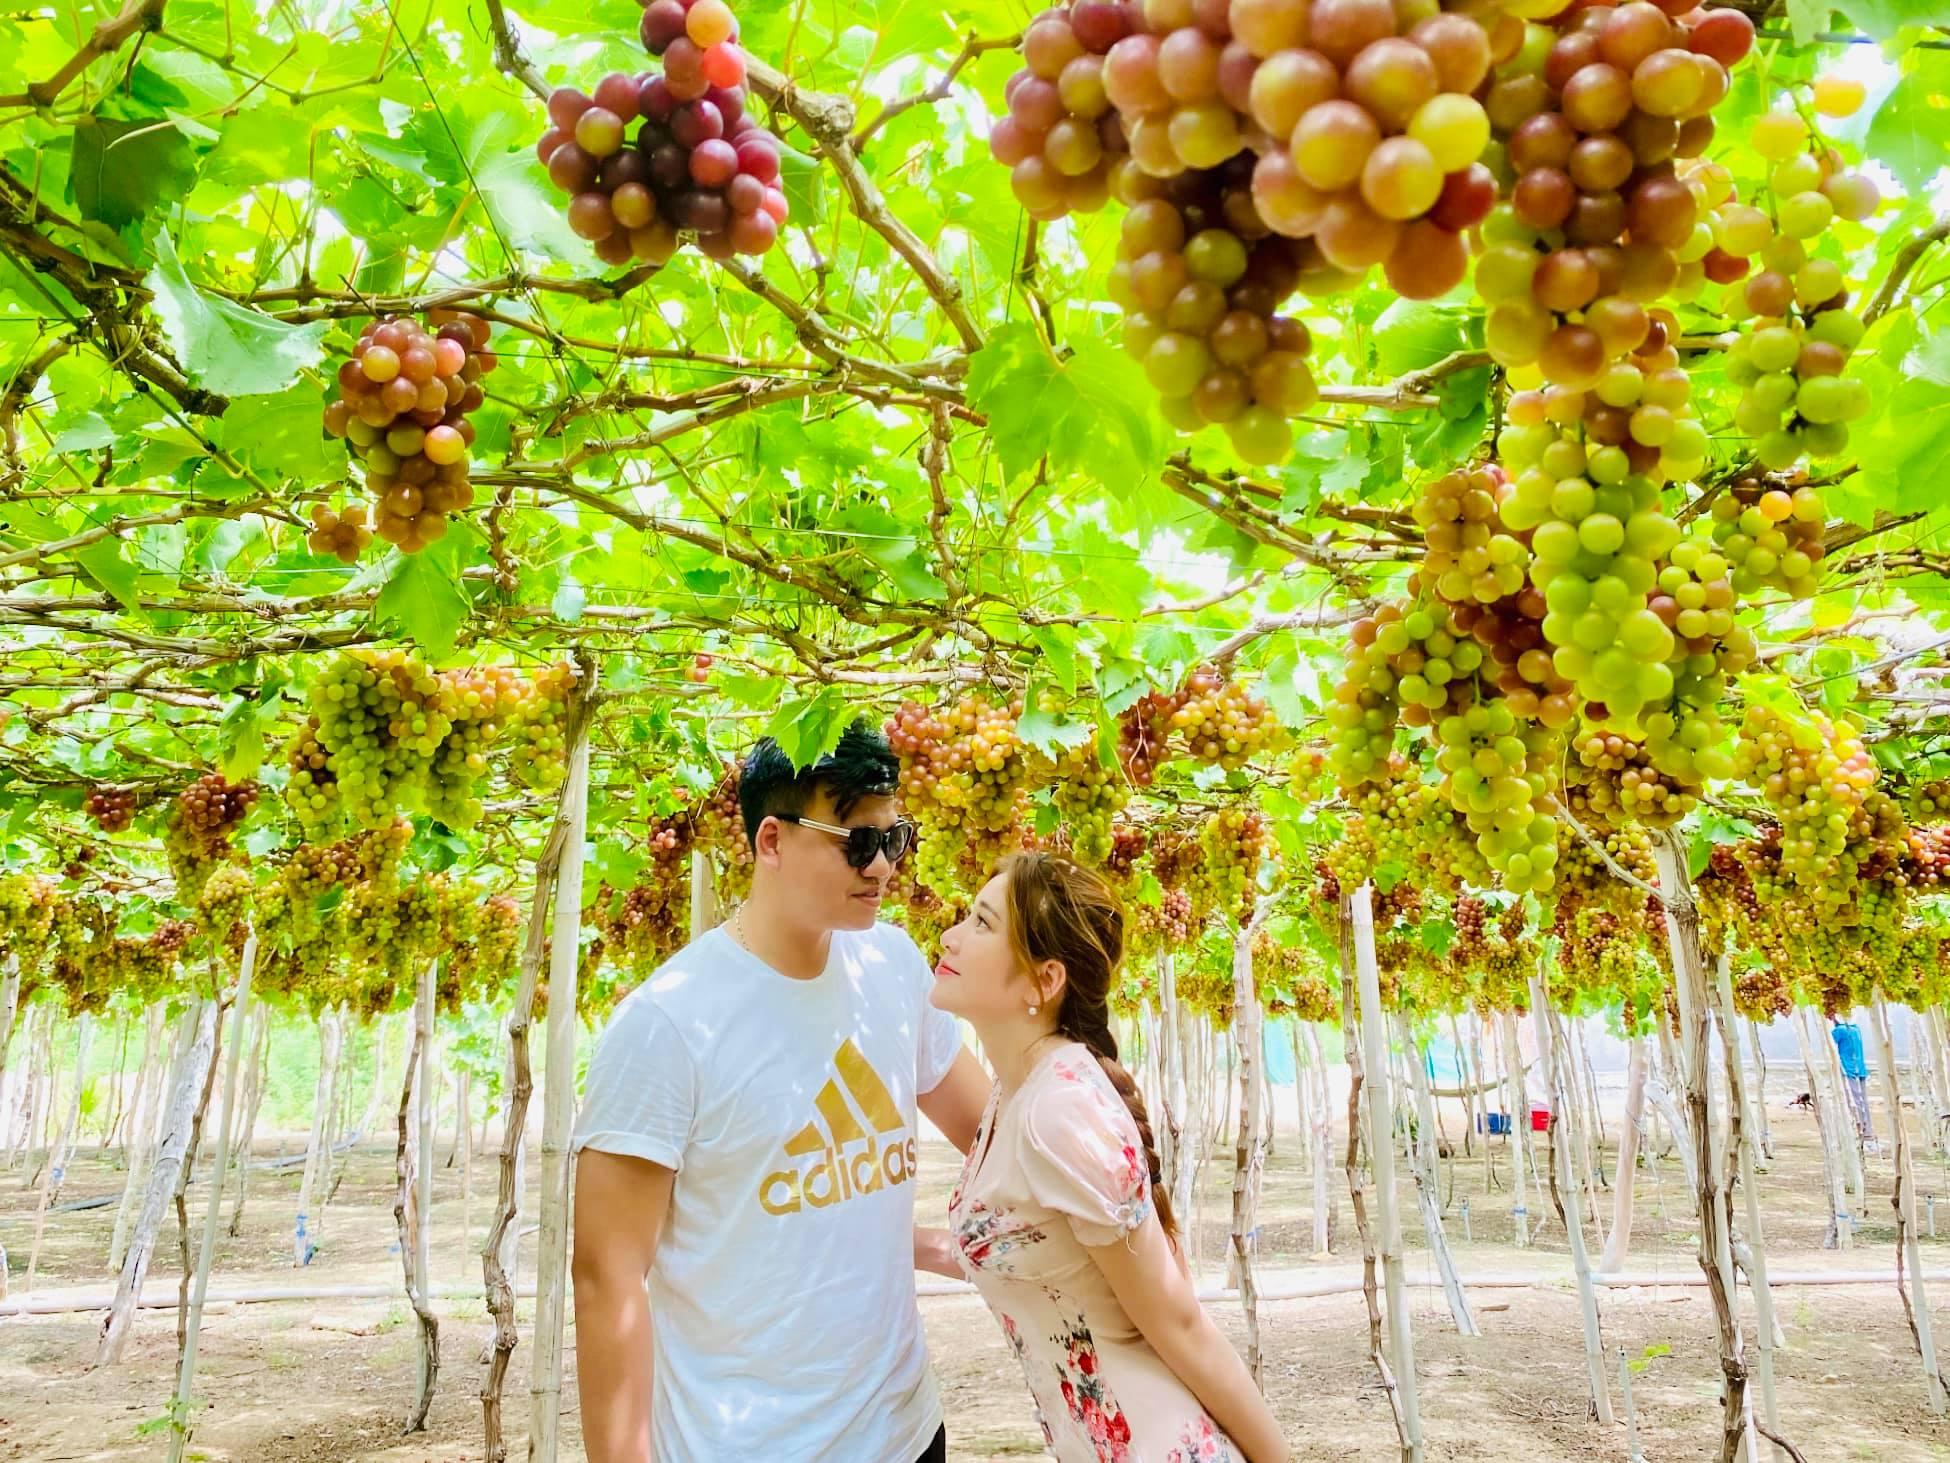 Tour du lịch Nha Trang khởi hành từ Hà Nội: Giảm giá sốc nhiều gói tour trong dịp hè này  - Ảnh 15.